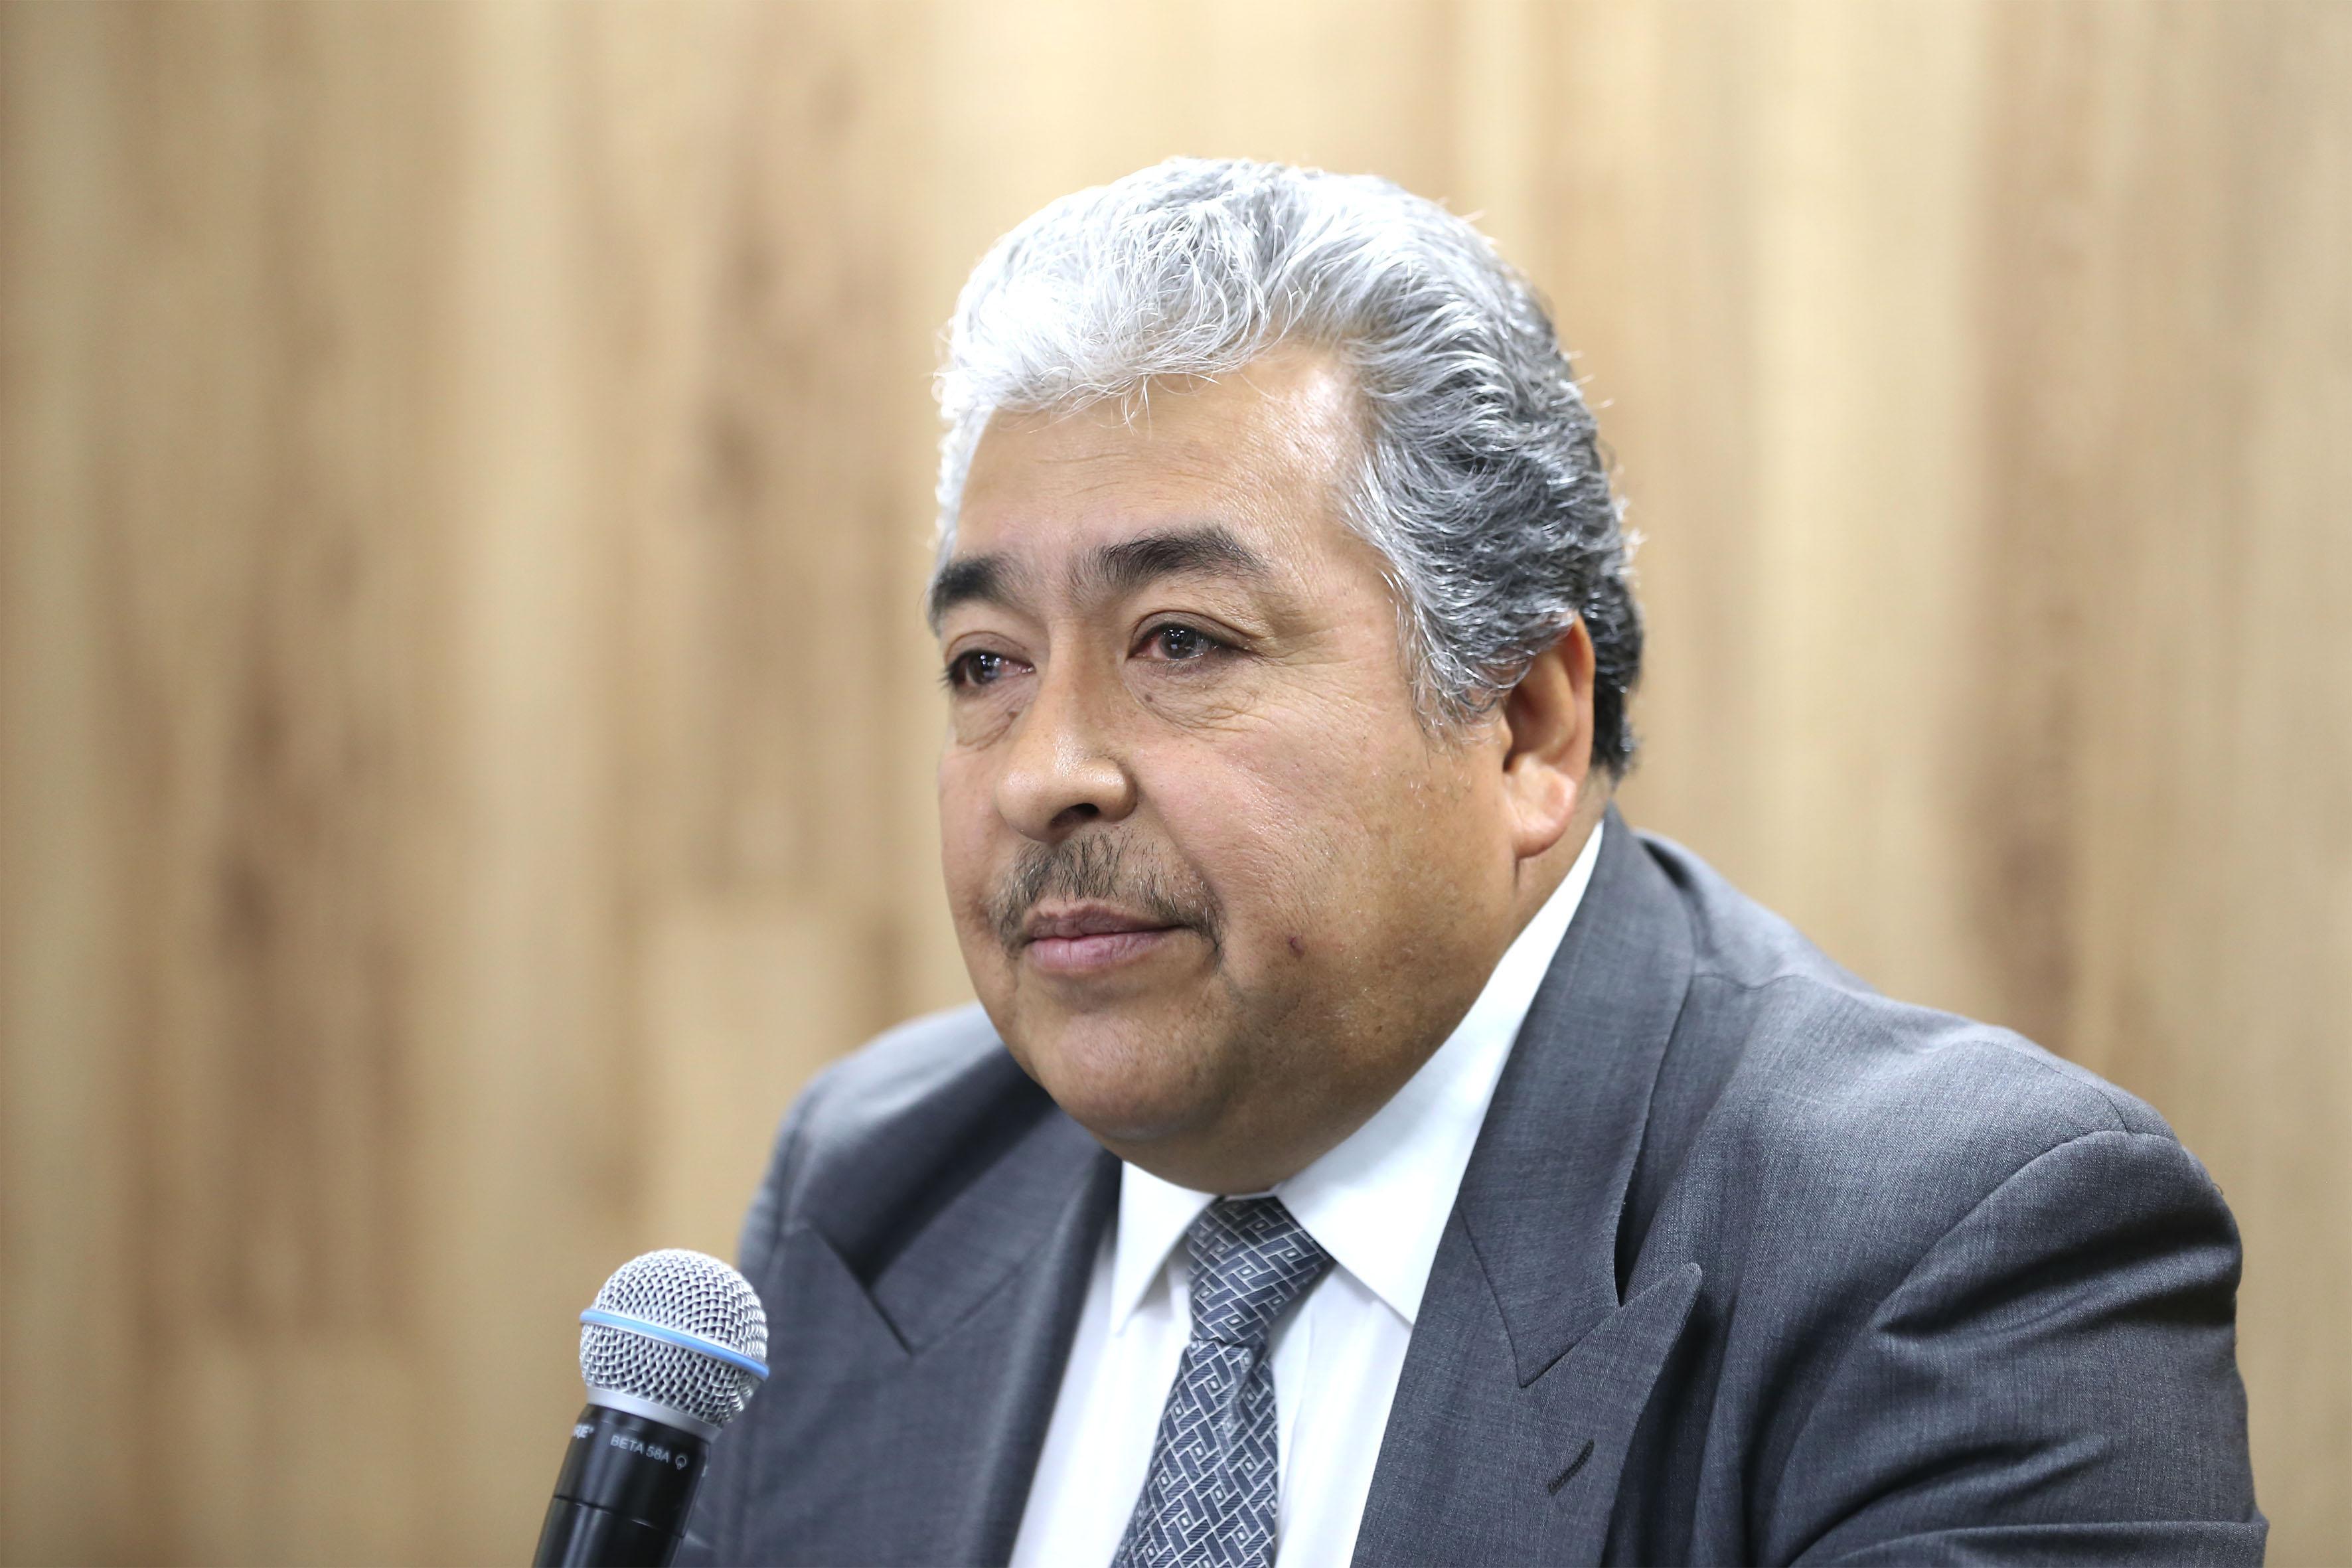 Doctor Héctor Luis del Toro Chávez, investigador del Centro Universitario de Ciencias Económico Administrativas de la Universidad de Guadalajara, con micrófono en mano haciendo uso de la palabra.